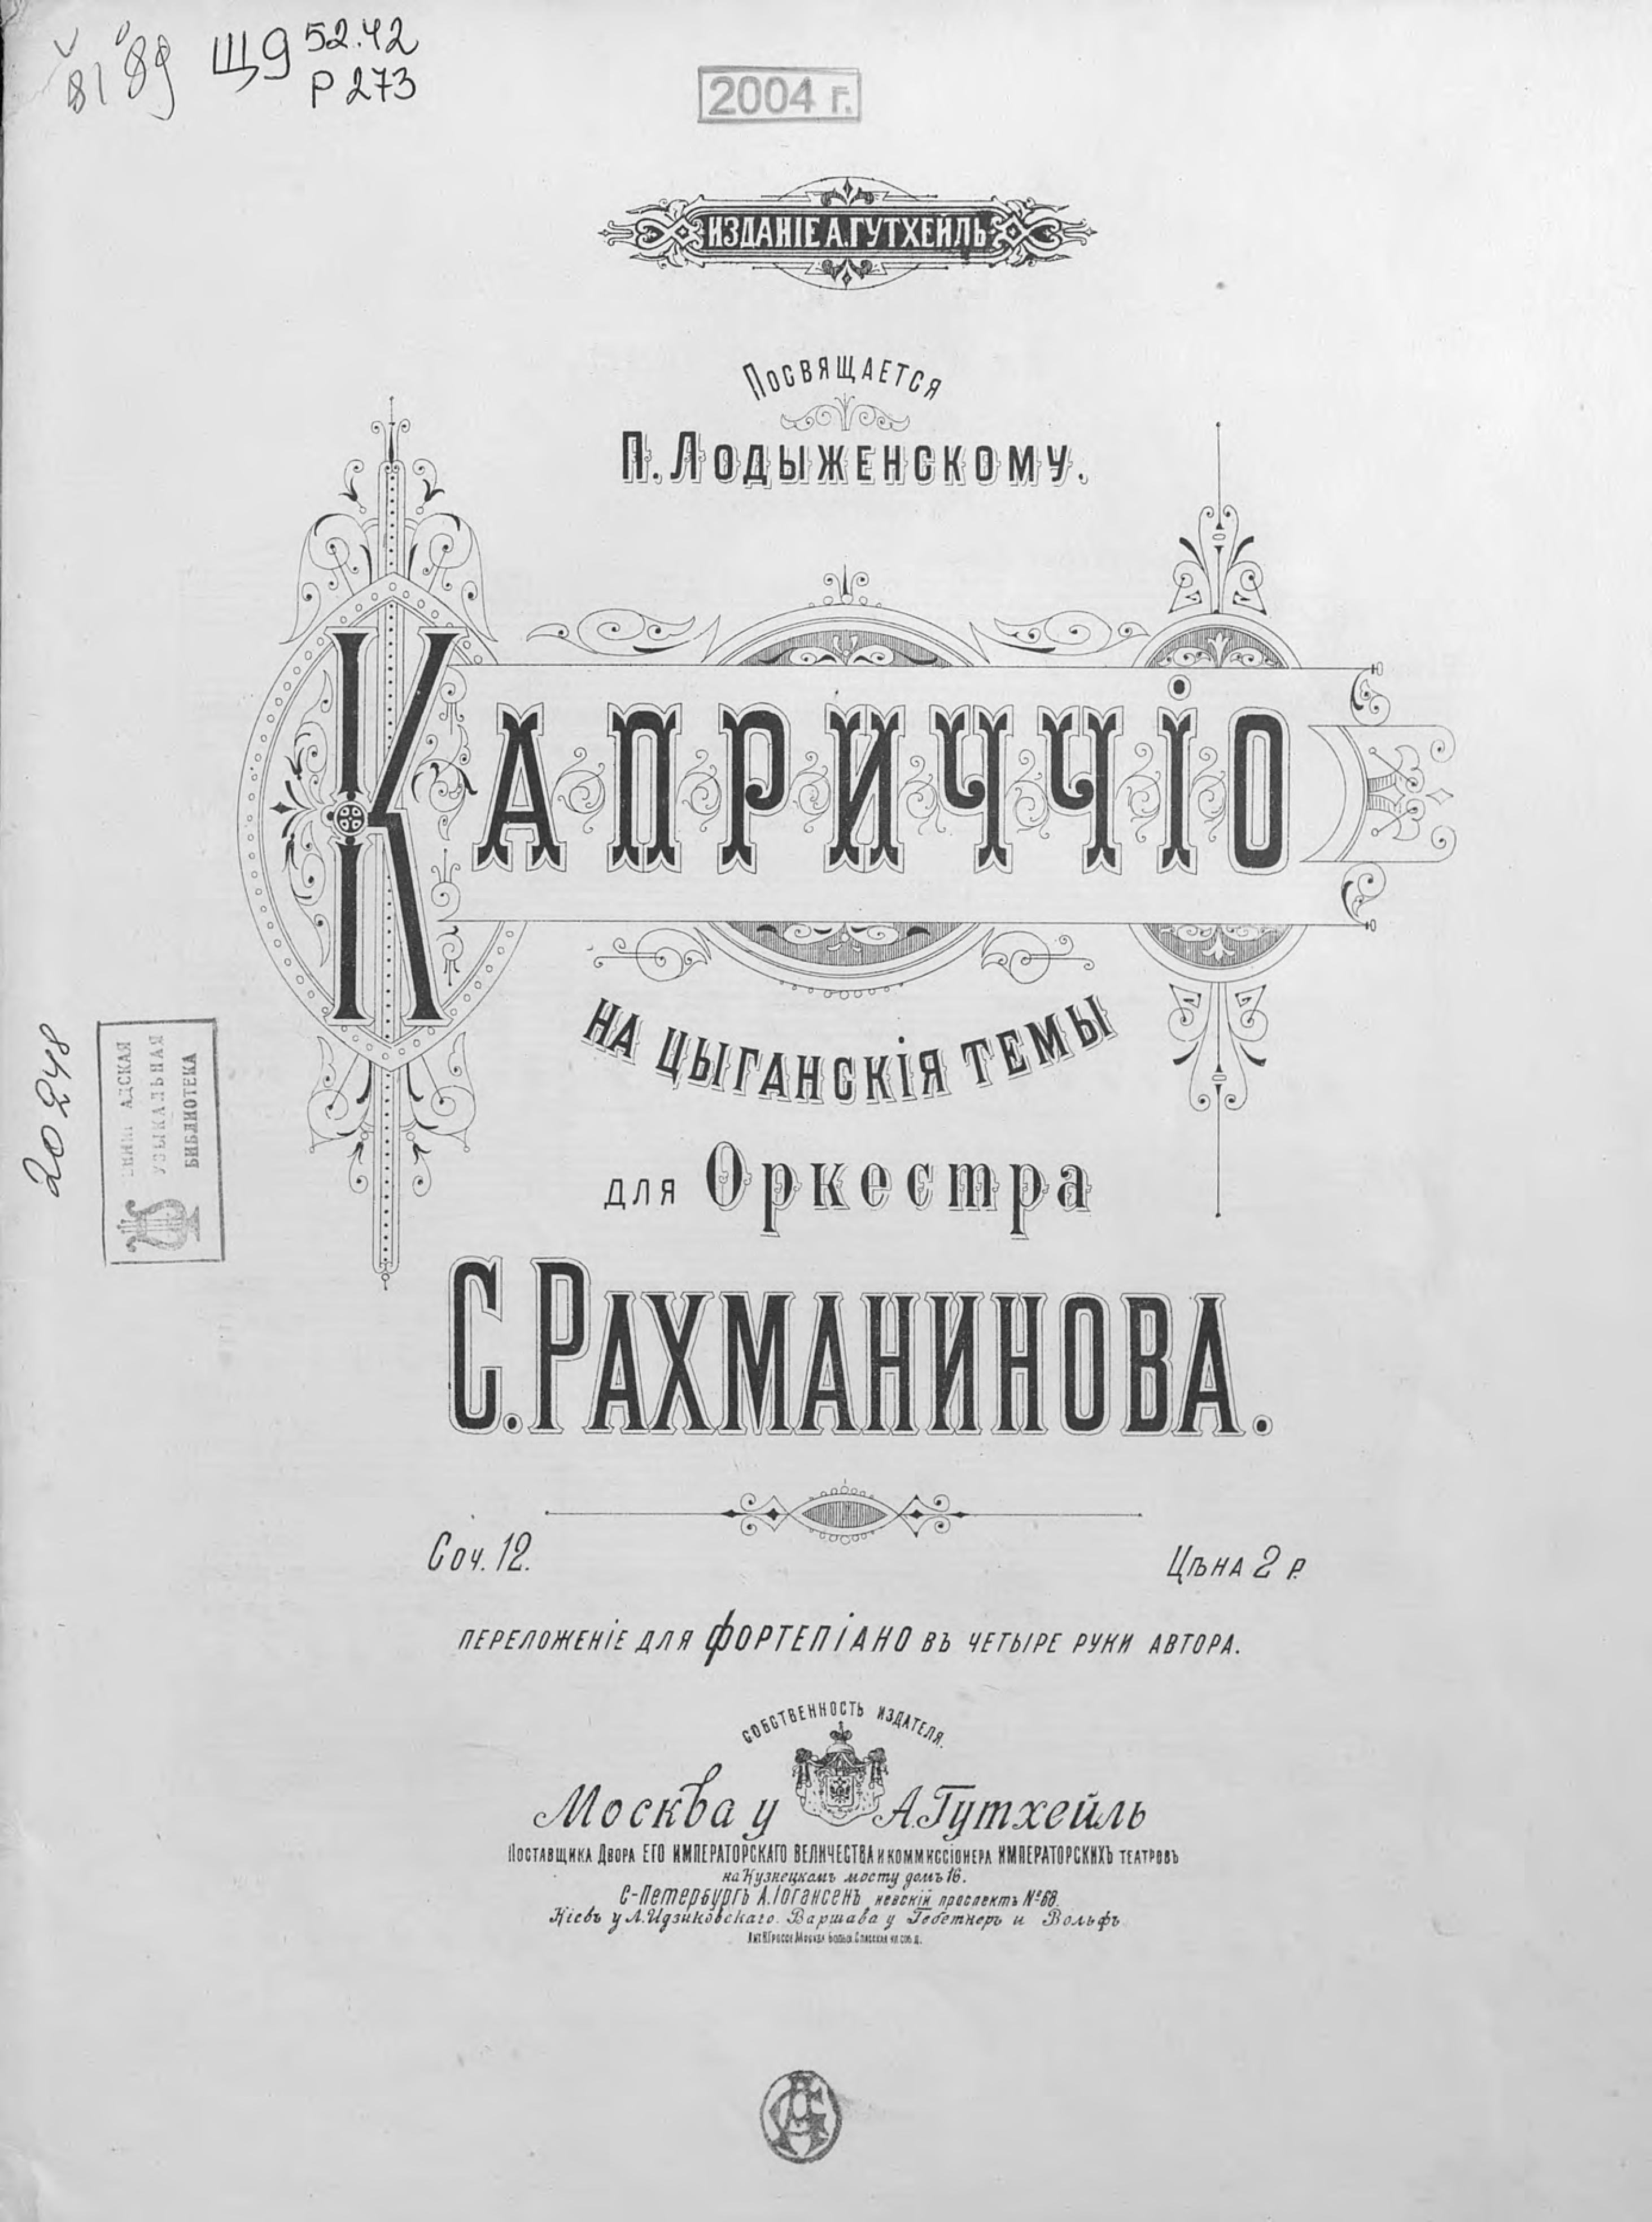 Сергей Рахманинов Каприччио на цыганские темы для оркестра сергей рахманинов каприччио на цыганские темы для оркестра